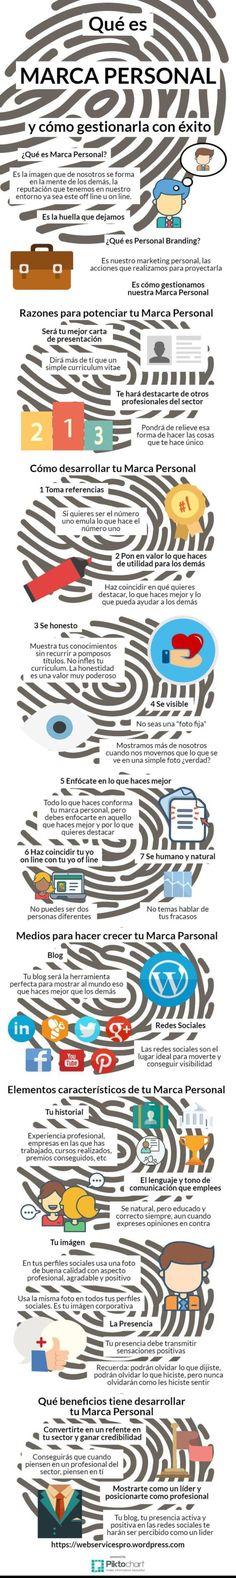 Qué es la marca personal y como gestionarla con éxito. Infografía en español. #CommunityManager